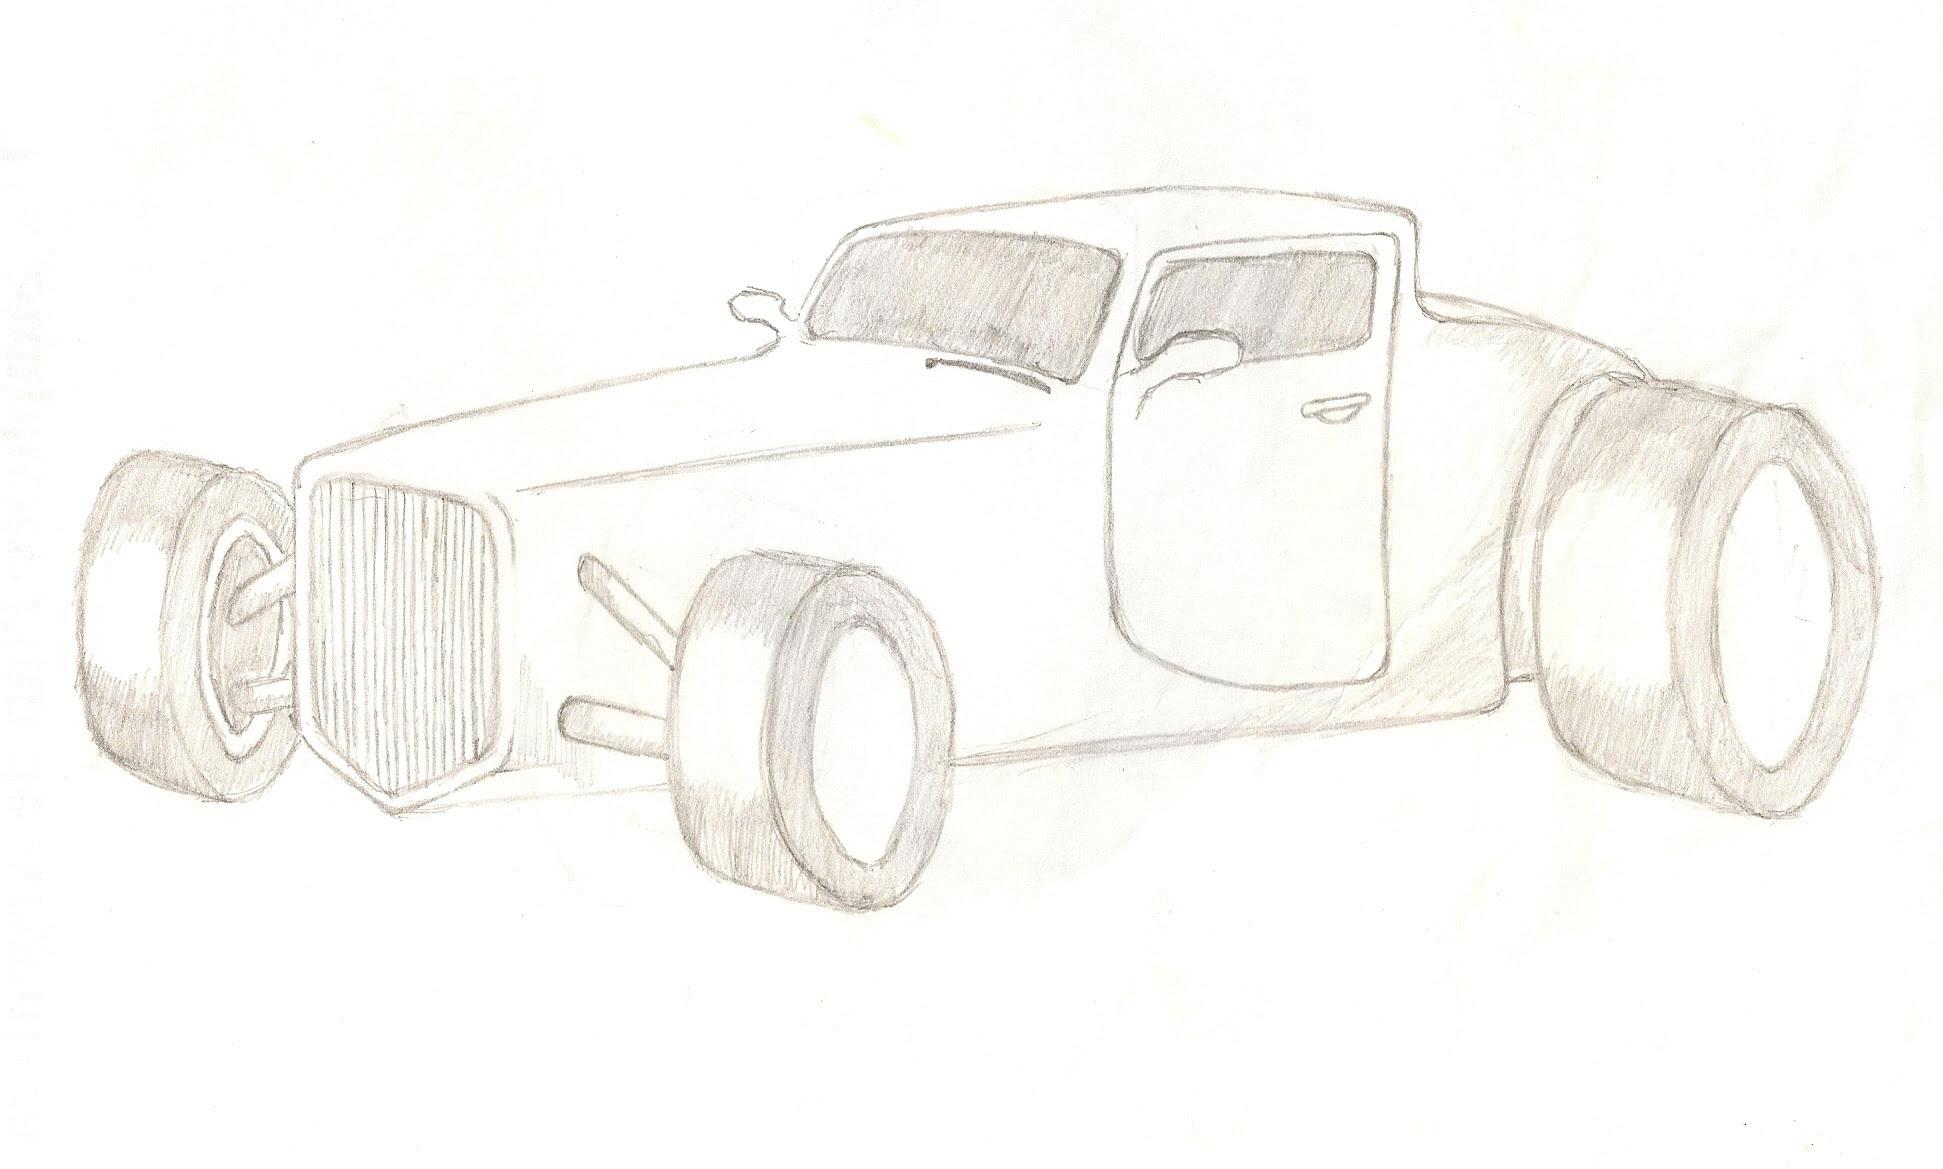 Imagenes De Autos Para Dibujar A Lapiz Faciles Imagendeflores Website